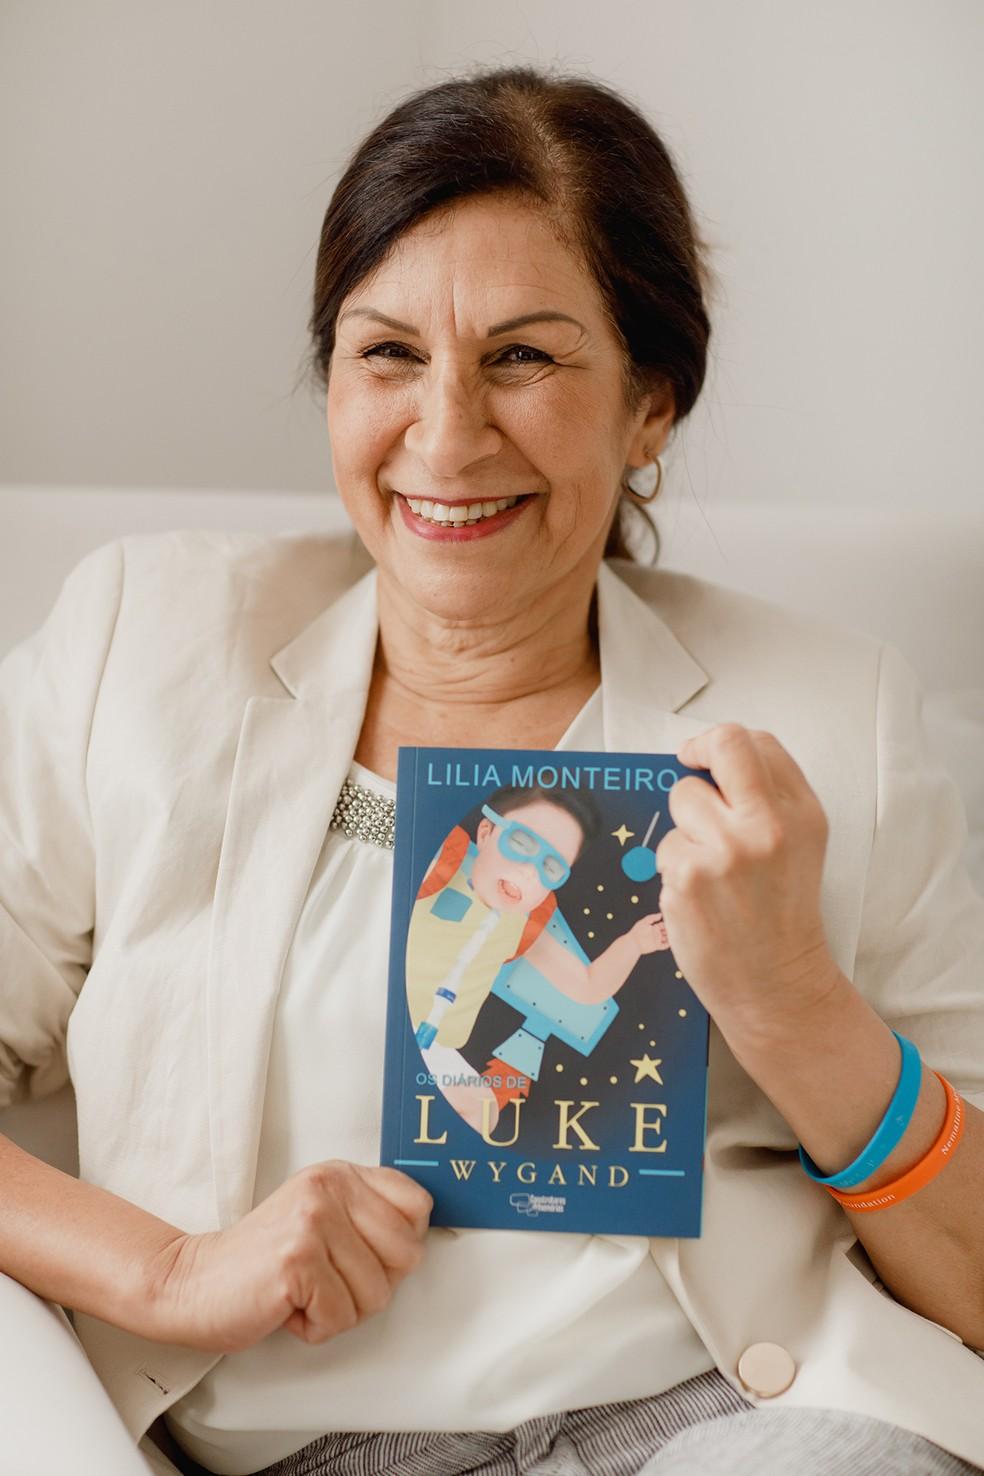 Lilia Monteiro é avó de Luke e autora do livro 'Os diários de Luke Wygand' — Foto: Pamela Passos/ Divulgação